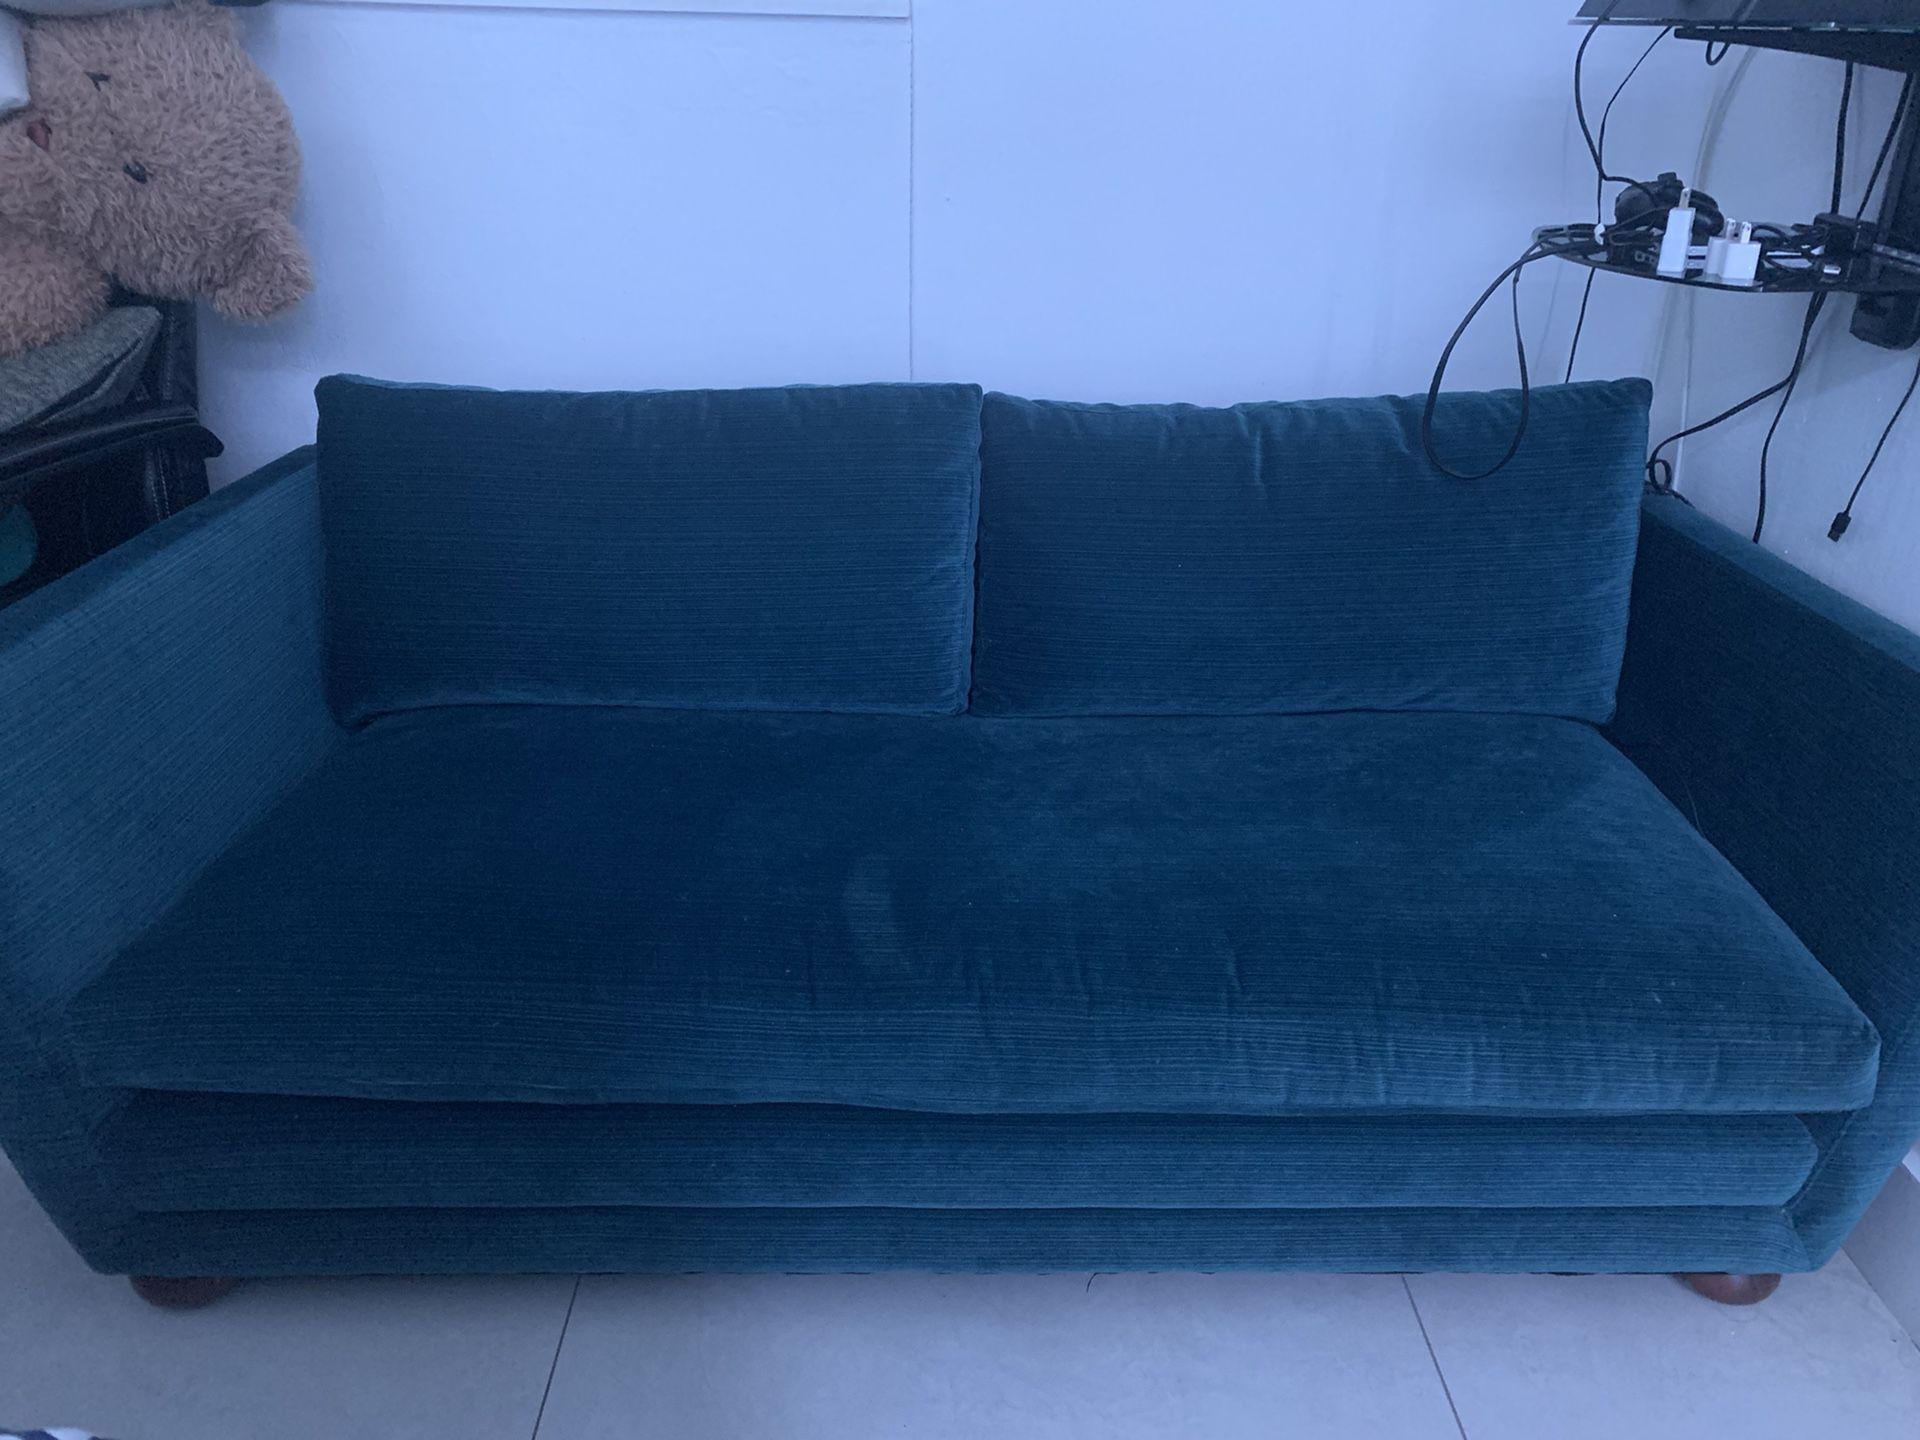 Jonathan Adler loveseat couch